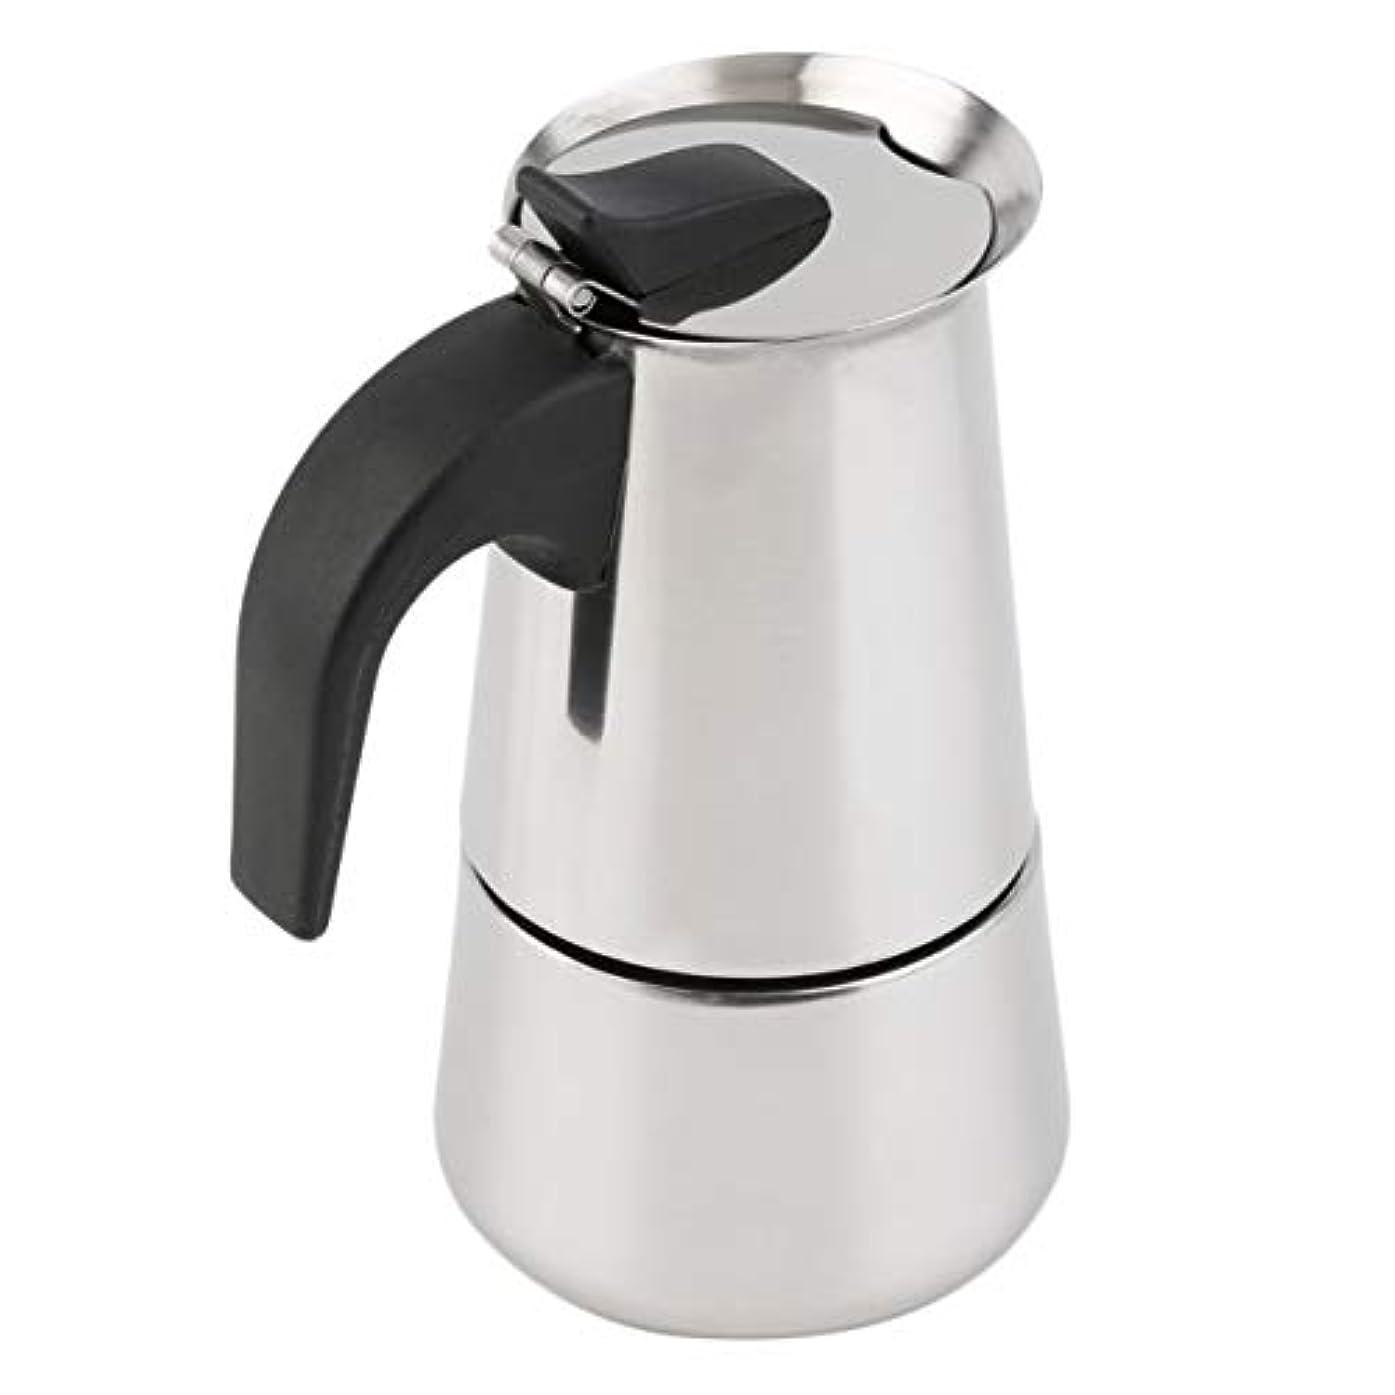 繁栄するコミュニケーション求めるSaikogoods 2/4/6カップパーコレーターストーブトップのコーヒーメーカーモカエスプレッソラテステンレスポットホット販売 銀 6カップ